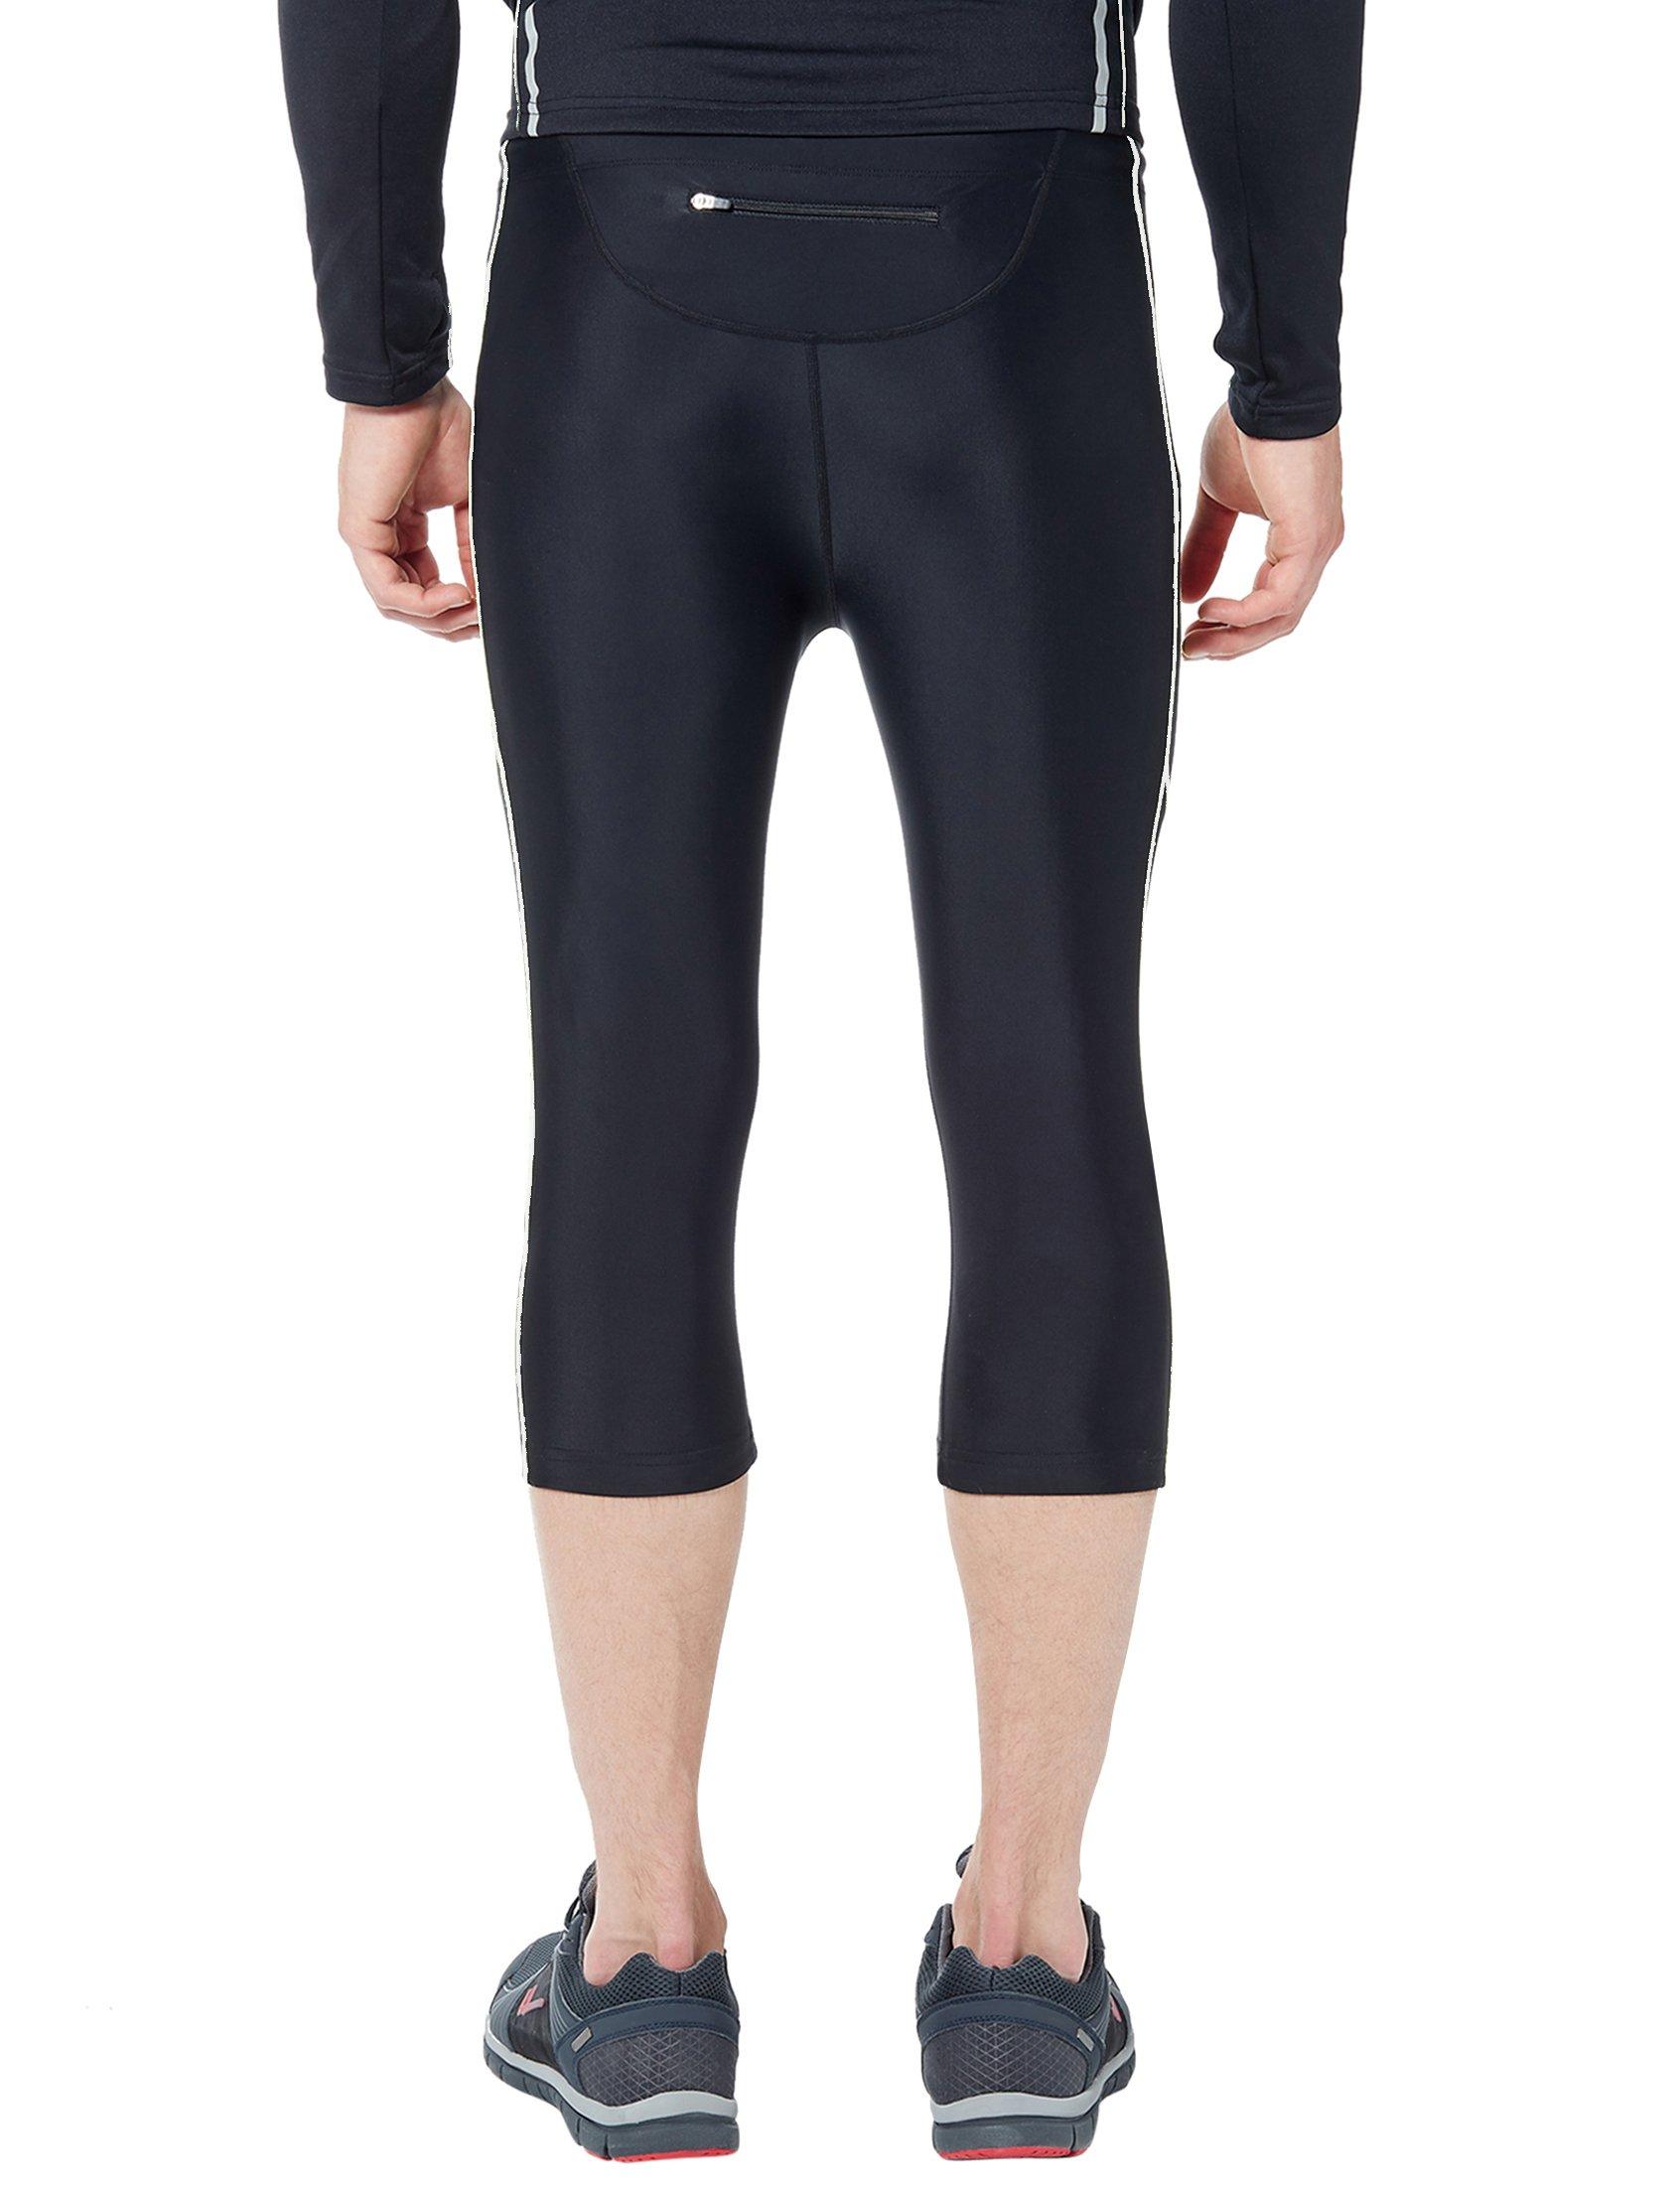 1238597fbe3d9b Ultrasport Men's Running Trousers – 3/4 length fitness trousers for ...